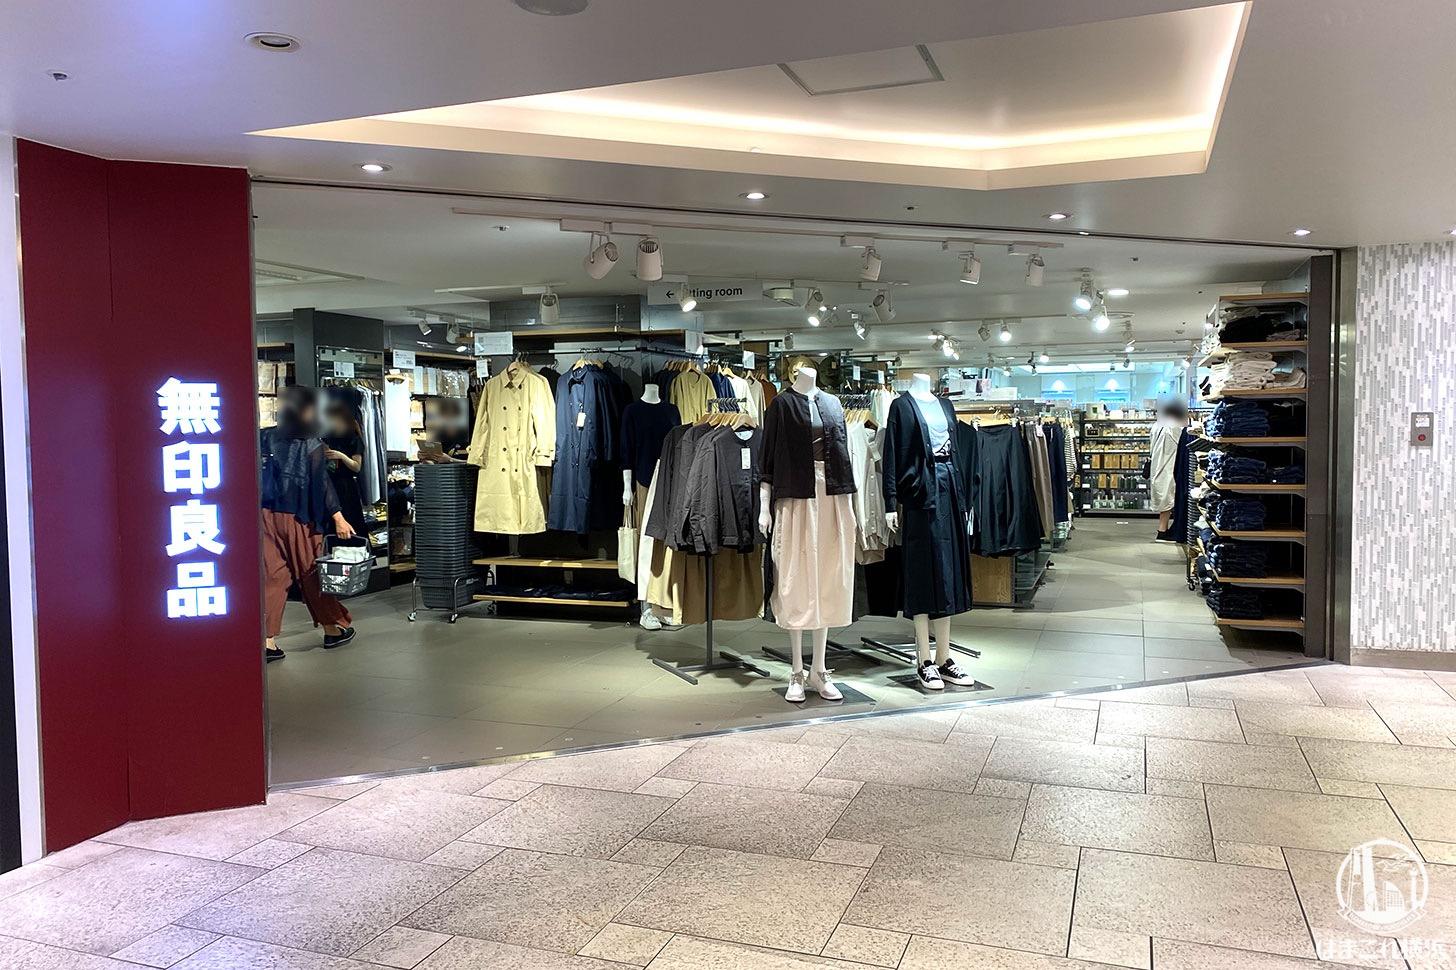 無印良品 横浜ジョイナスがダイヤキッチン・西口中央通りに移転リニューアル!